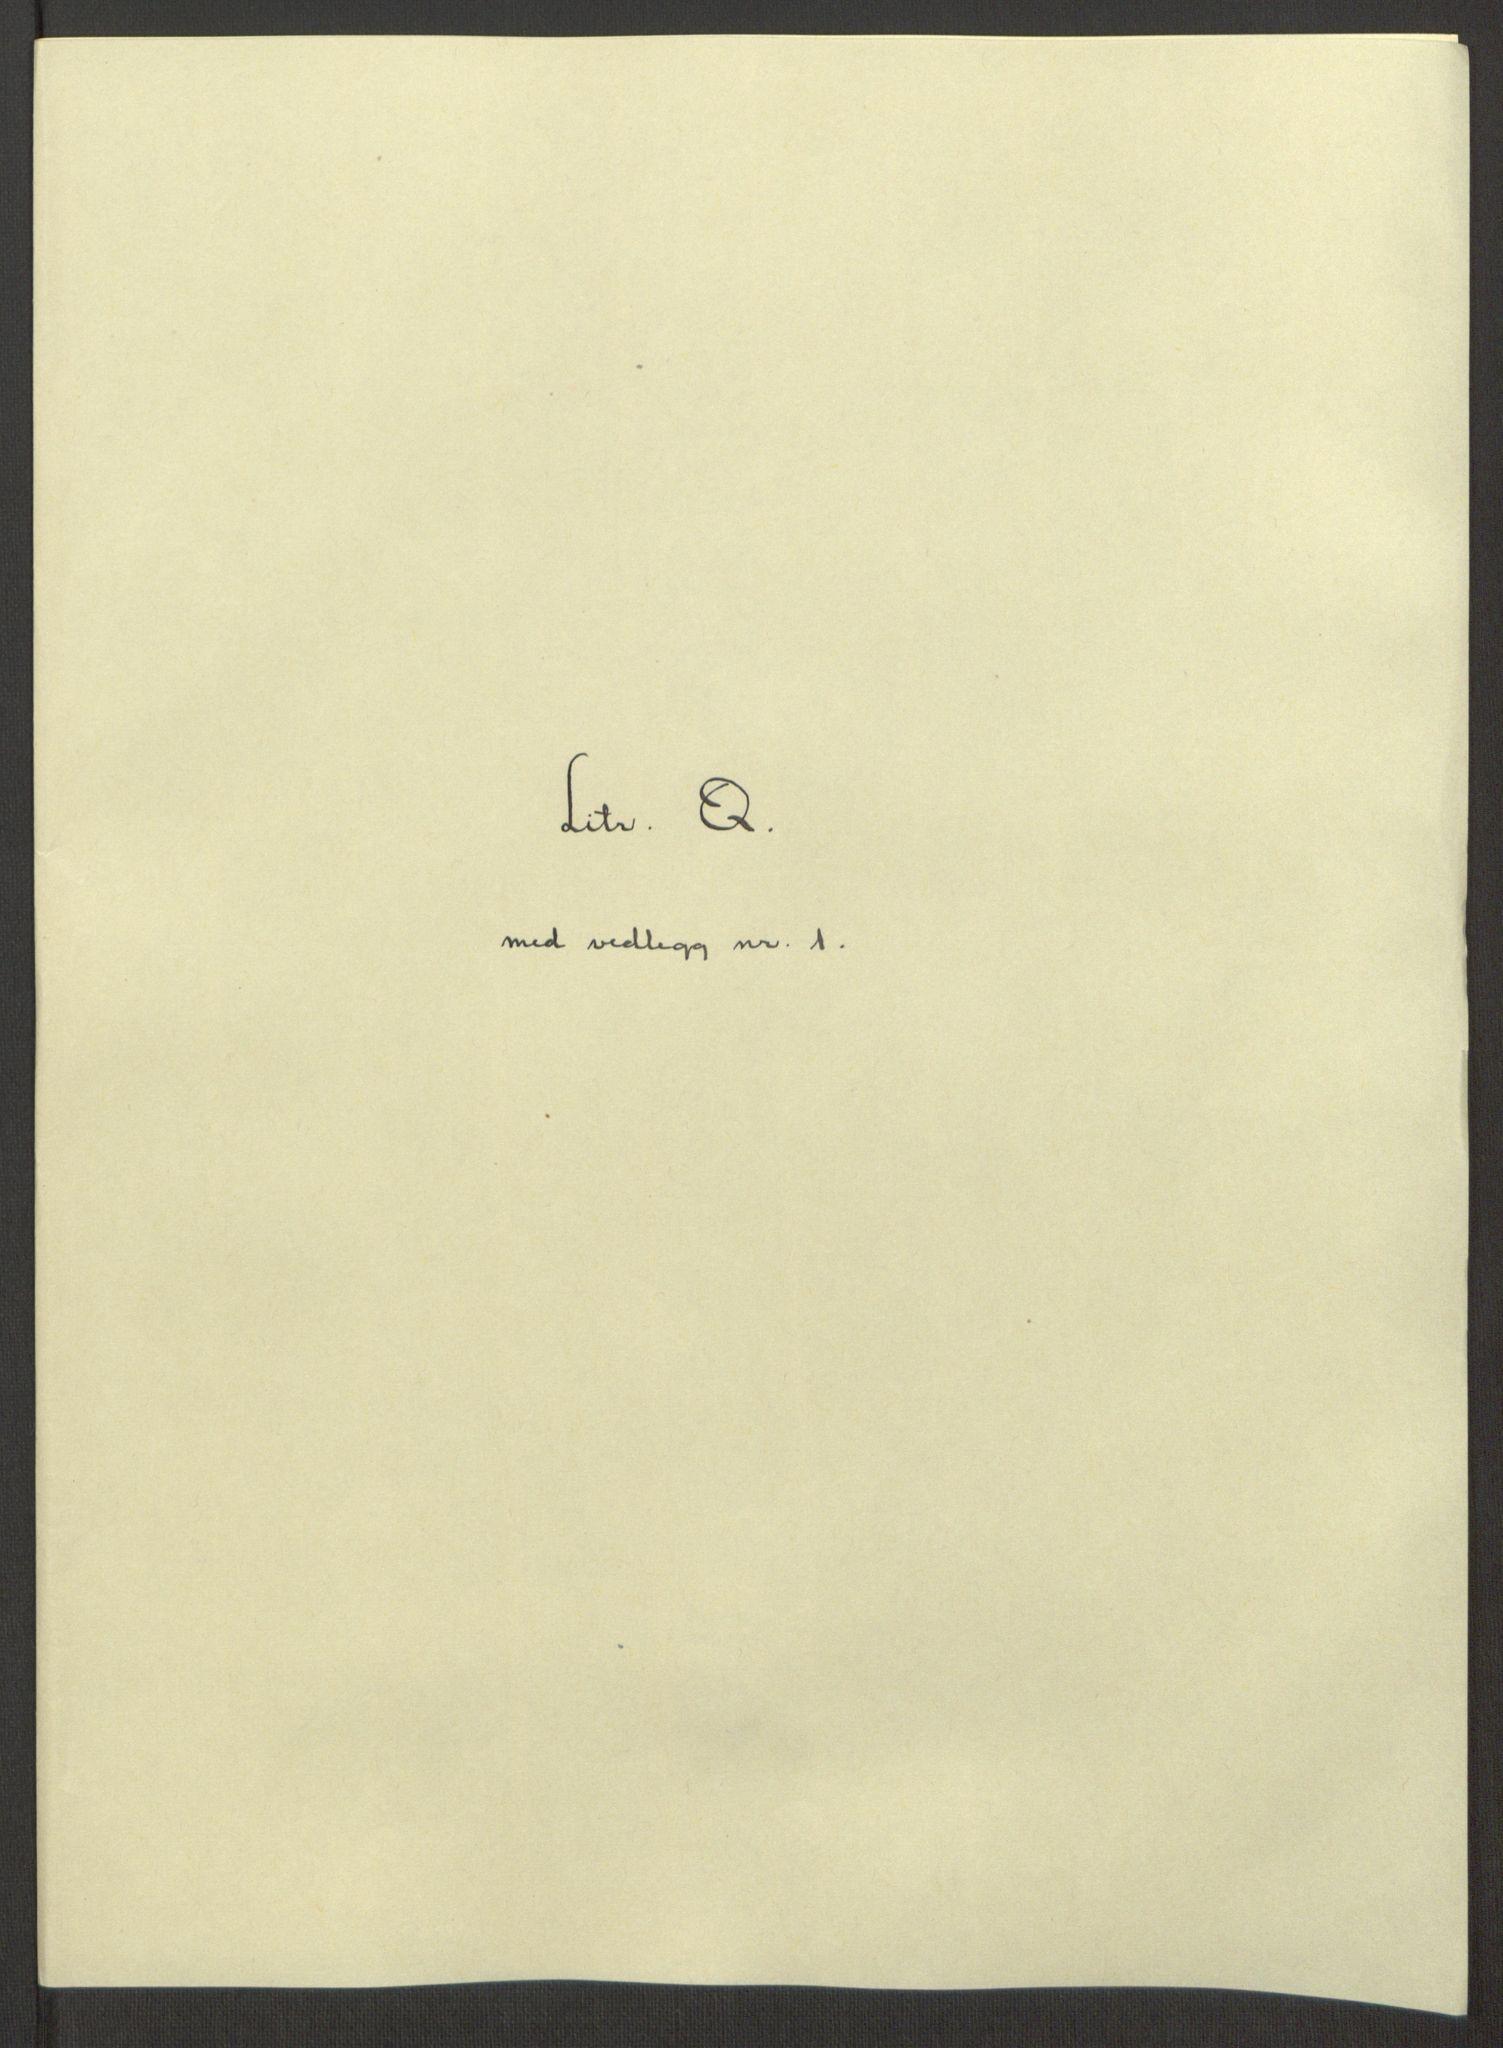 RA, Rentekammeret inntil 1814, Reviderte regnskaper, Fogderegnskap, R64/L4423: Fogderegnskap Namdal, 1690-1691, s. 100